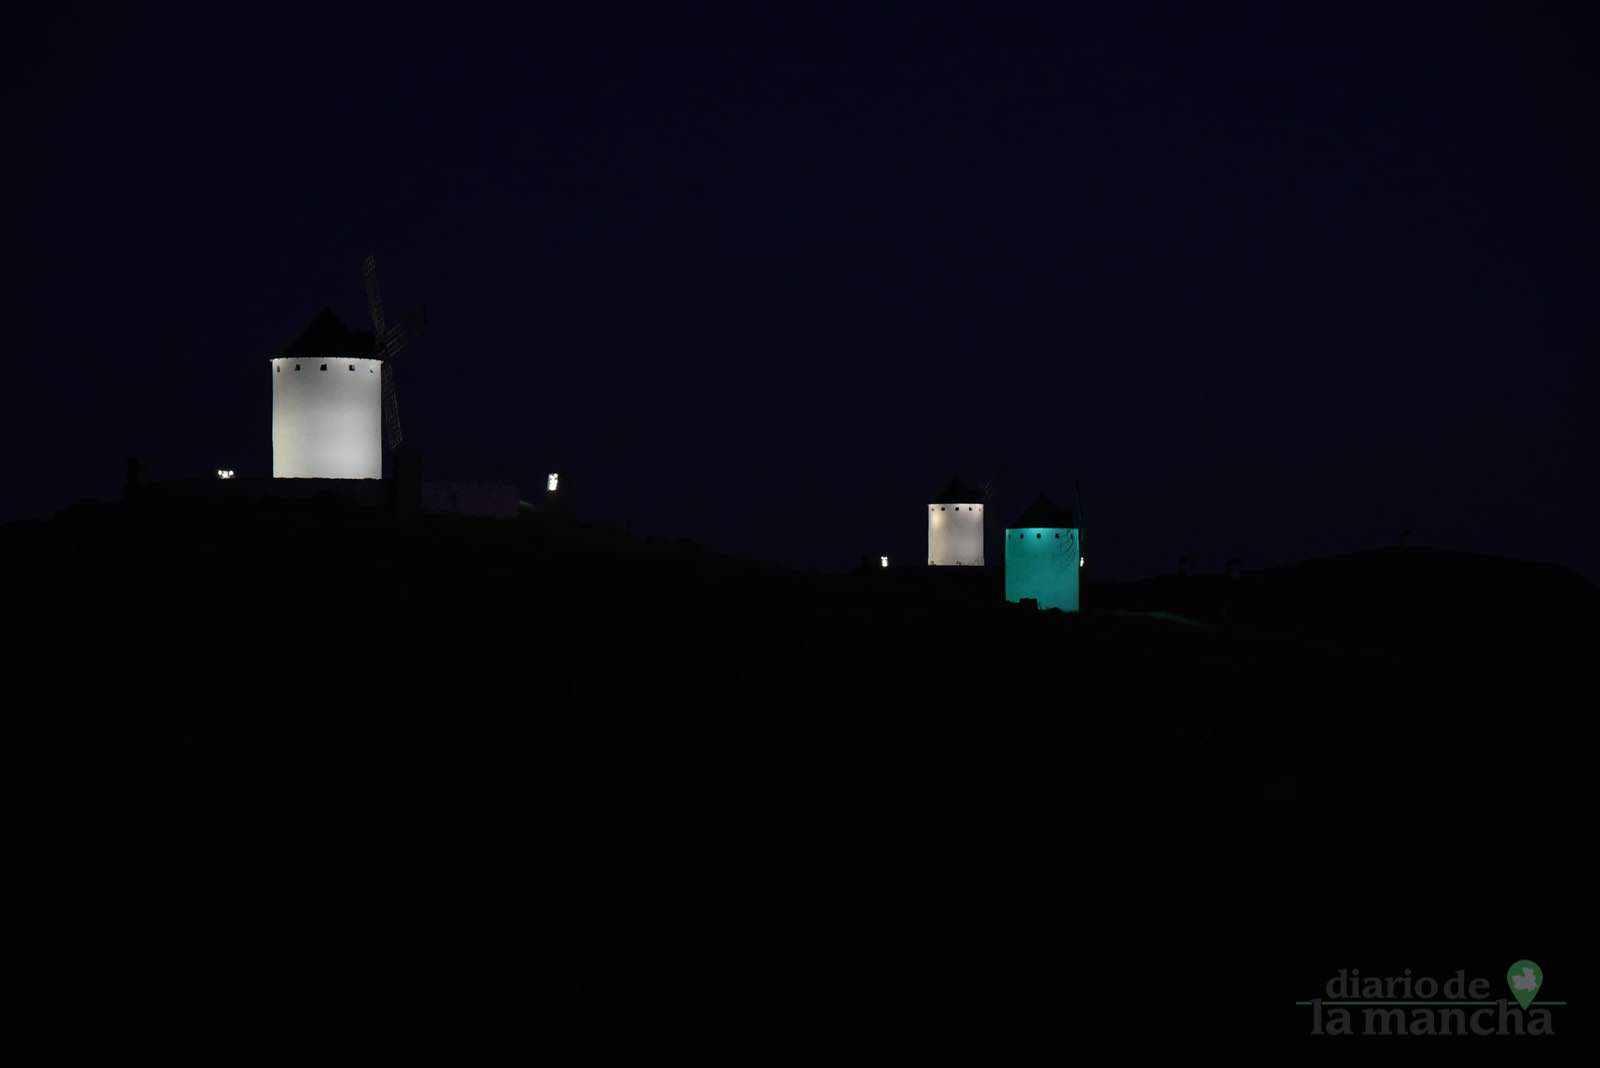 inauguracion iluminacion molinos herencia 12 - Herencia vuelve a inaugurar con una nueva iluminación artística sus molinos de viento